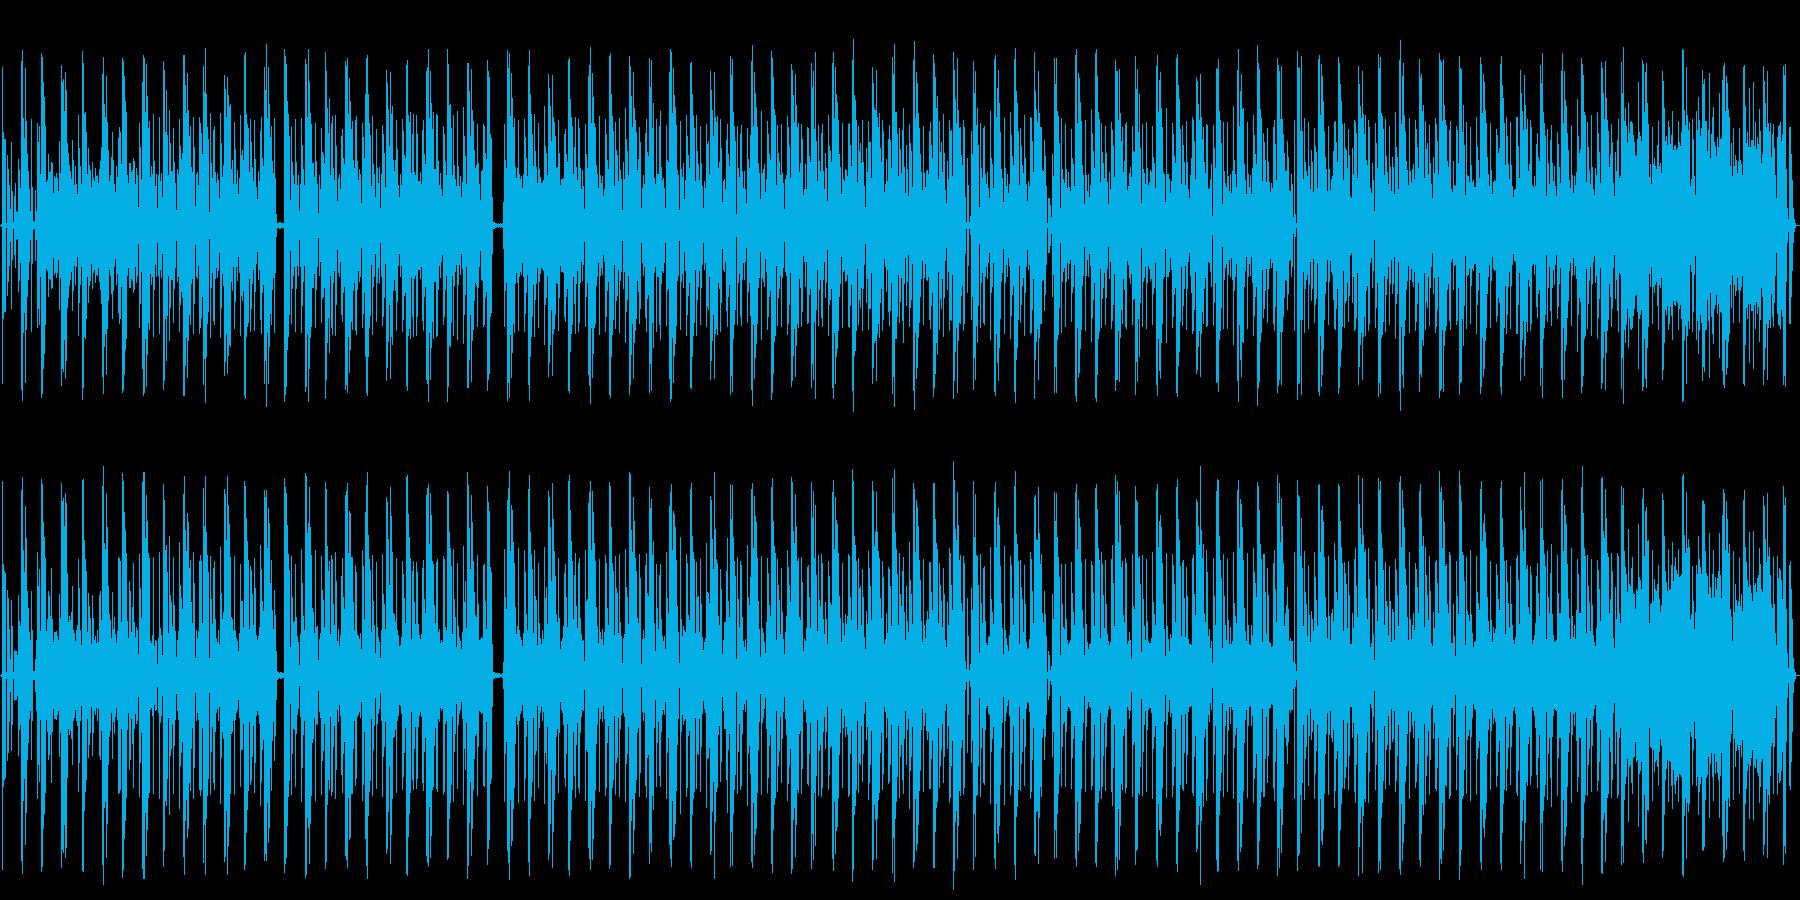 ハードテクノ、エレクトロニック、ト...の再生済みの波形